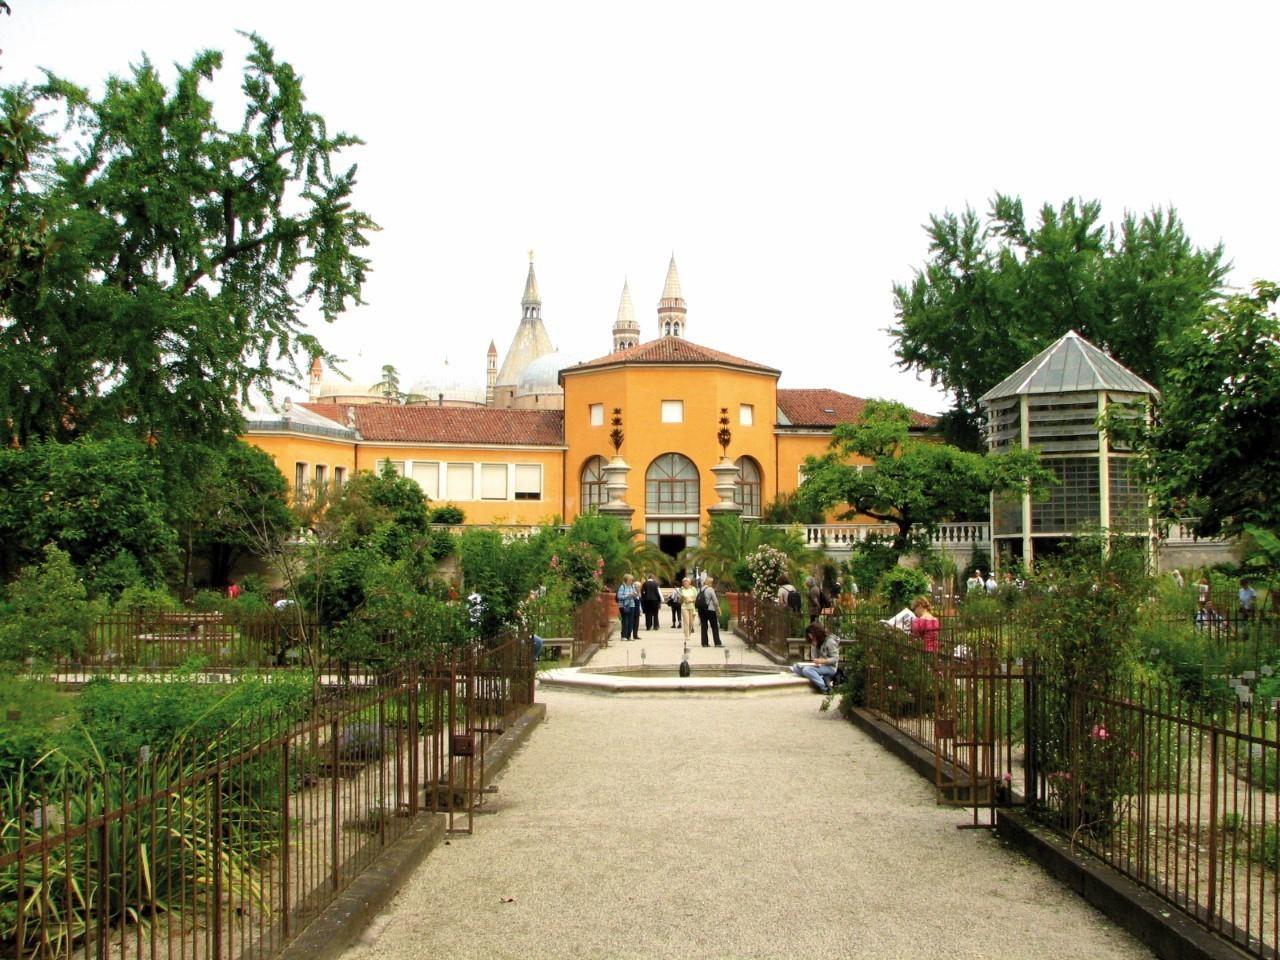 Giardino della Biodiversità